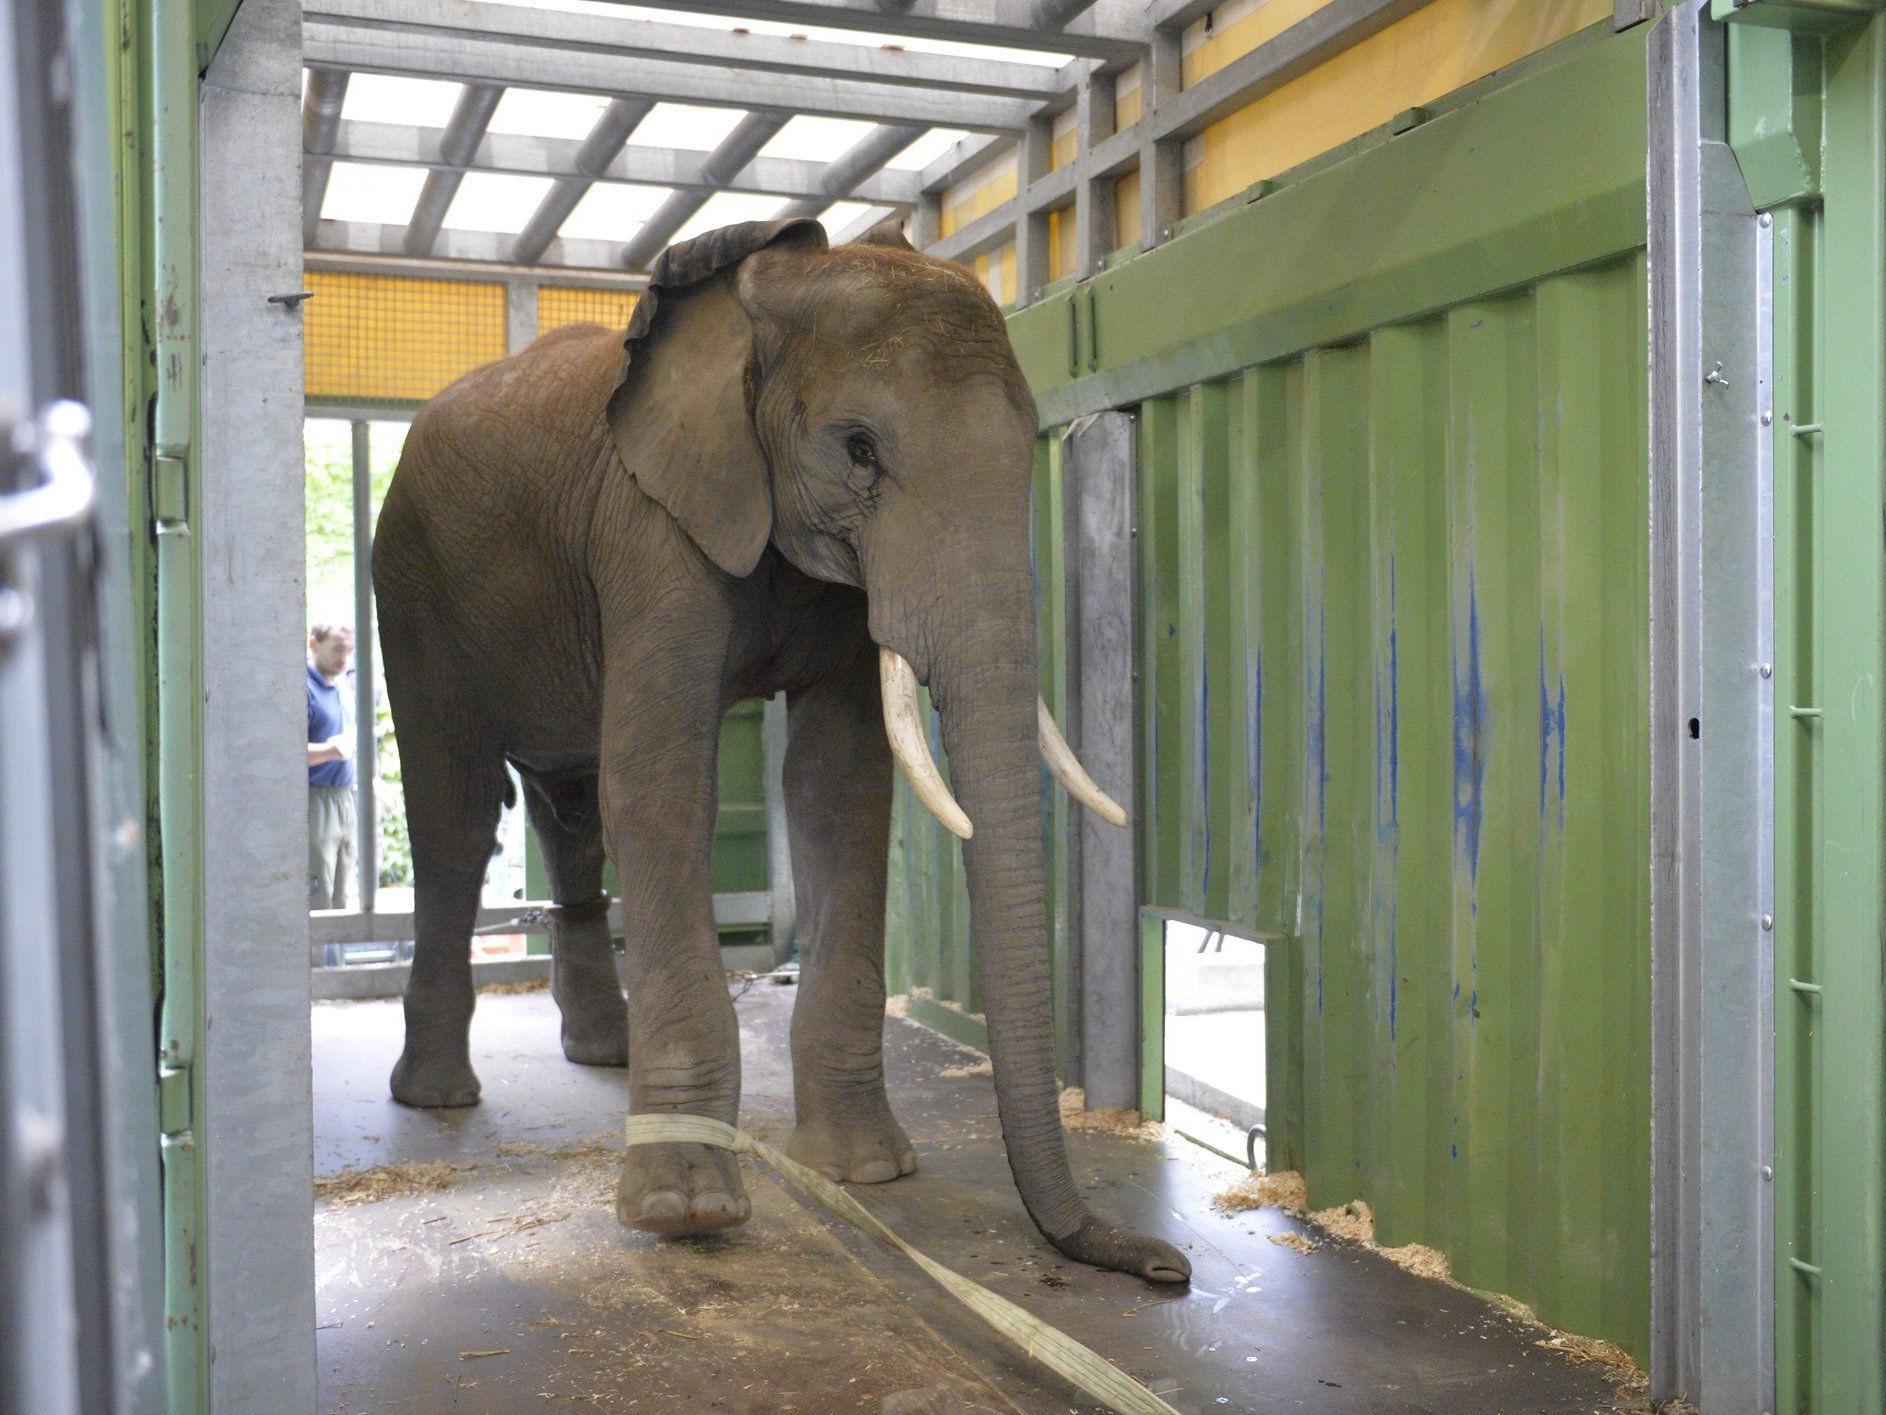 Tier soll künftig im Zoopark Erfurt für Nachwuchs sorgen